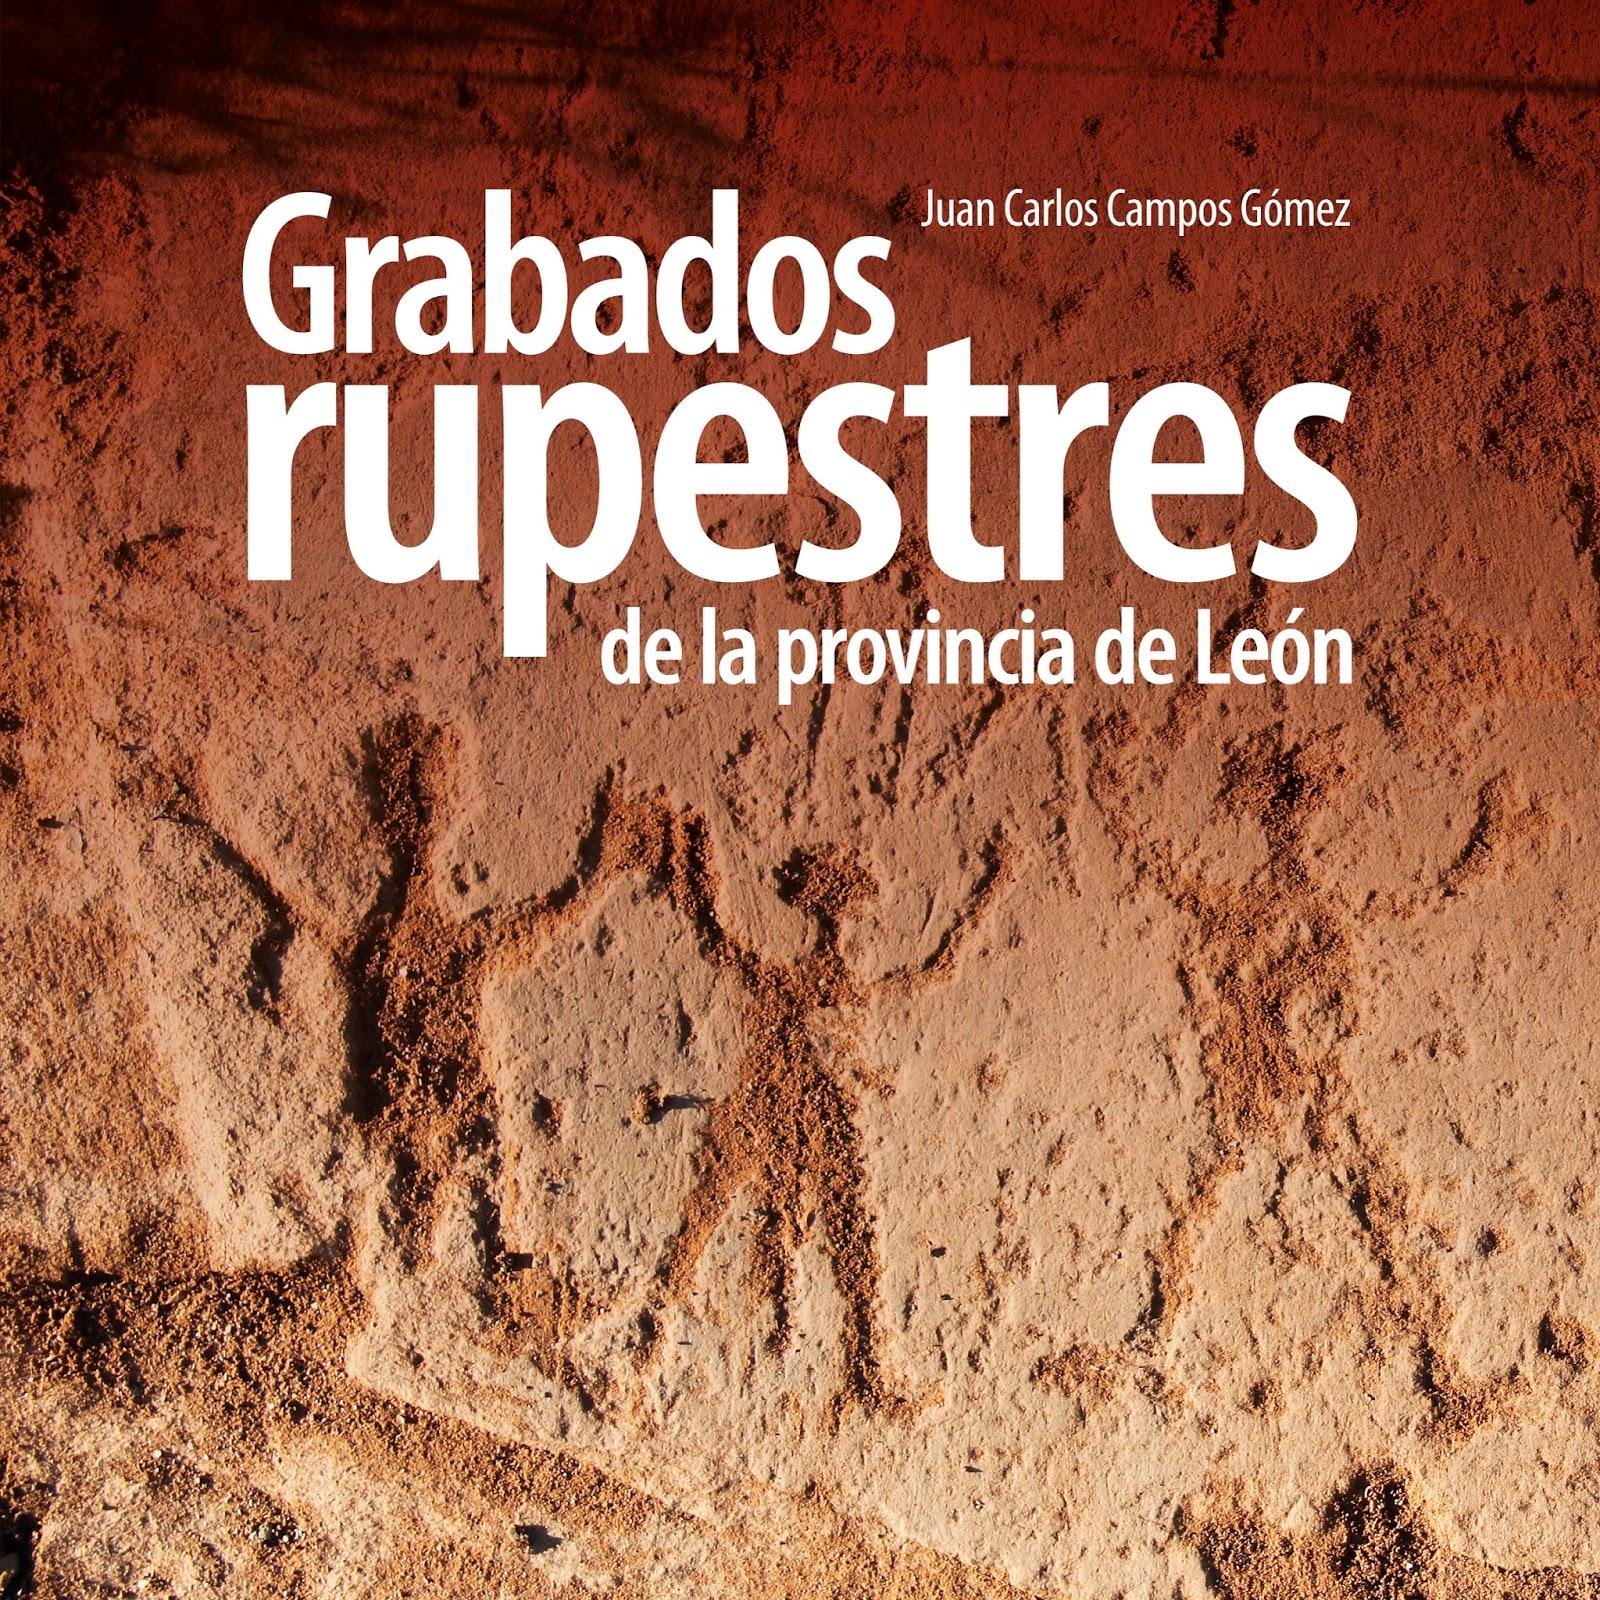 Grabados Rupestres de la Provincia de León, de Juan Carlos Campos